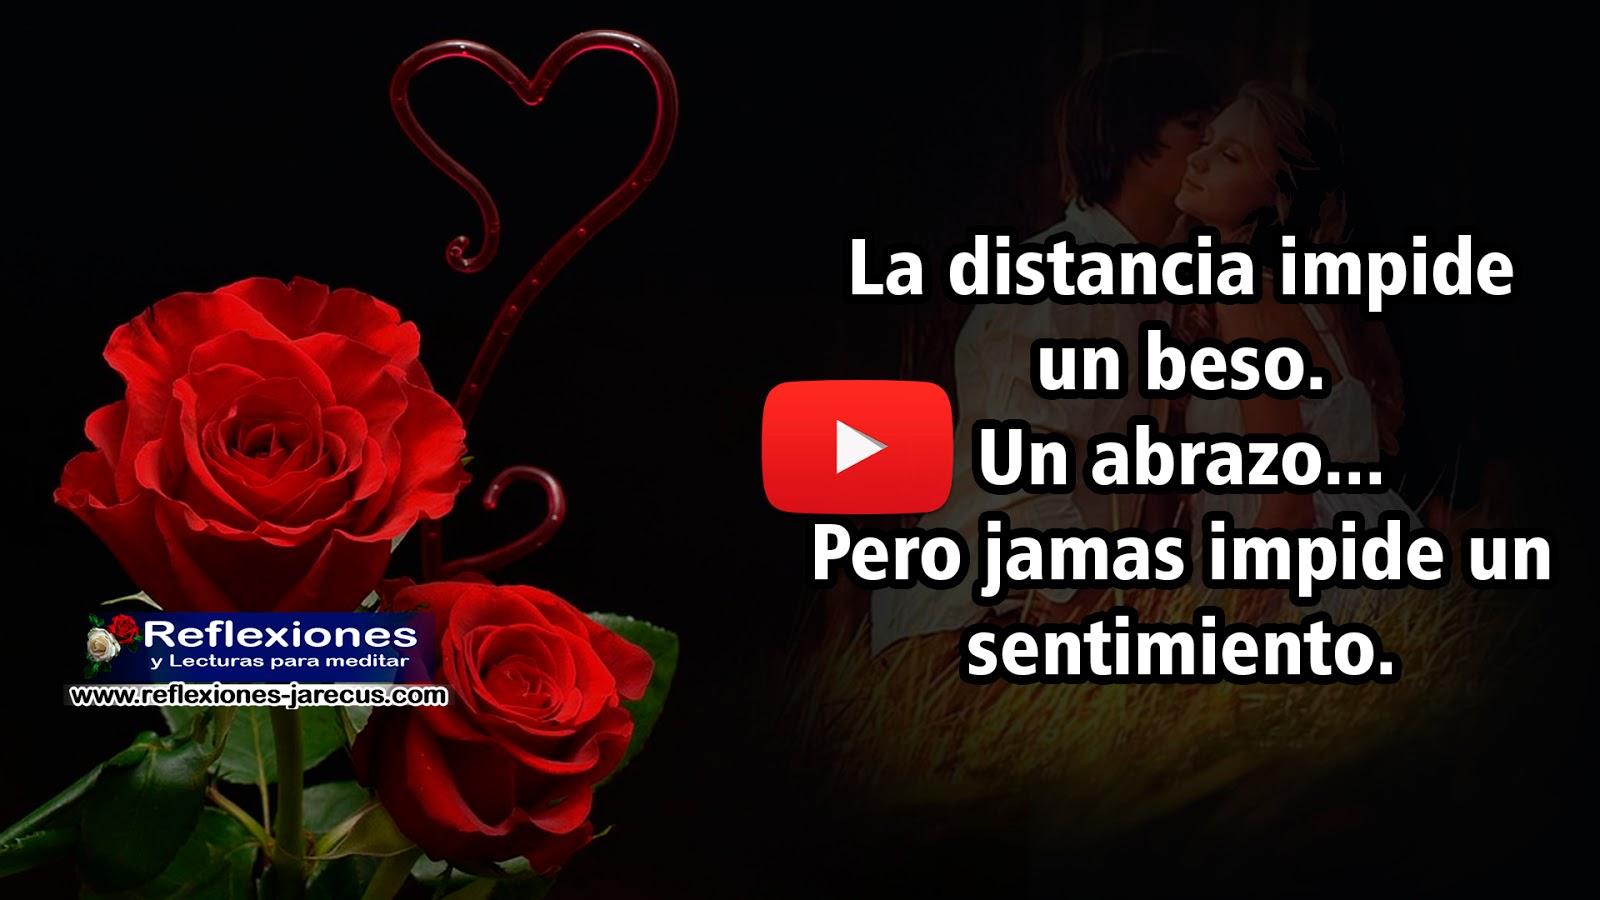 La distancia impide un beso un beso un abrazo pero jamas impide un sentimiento